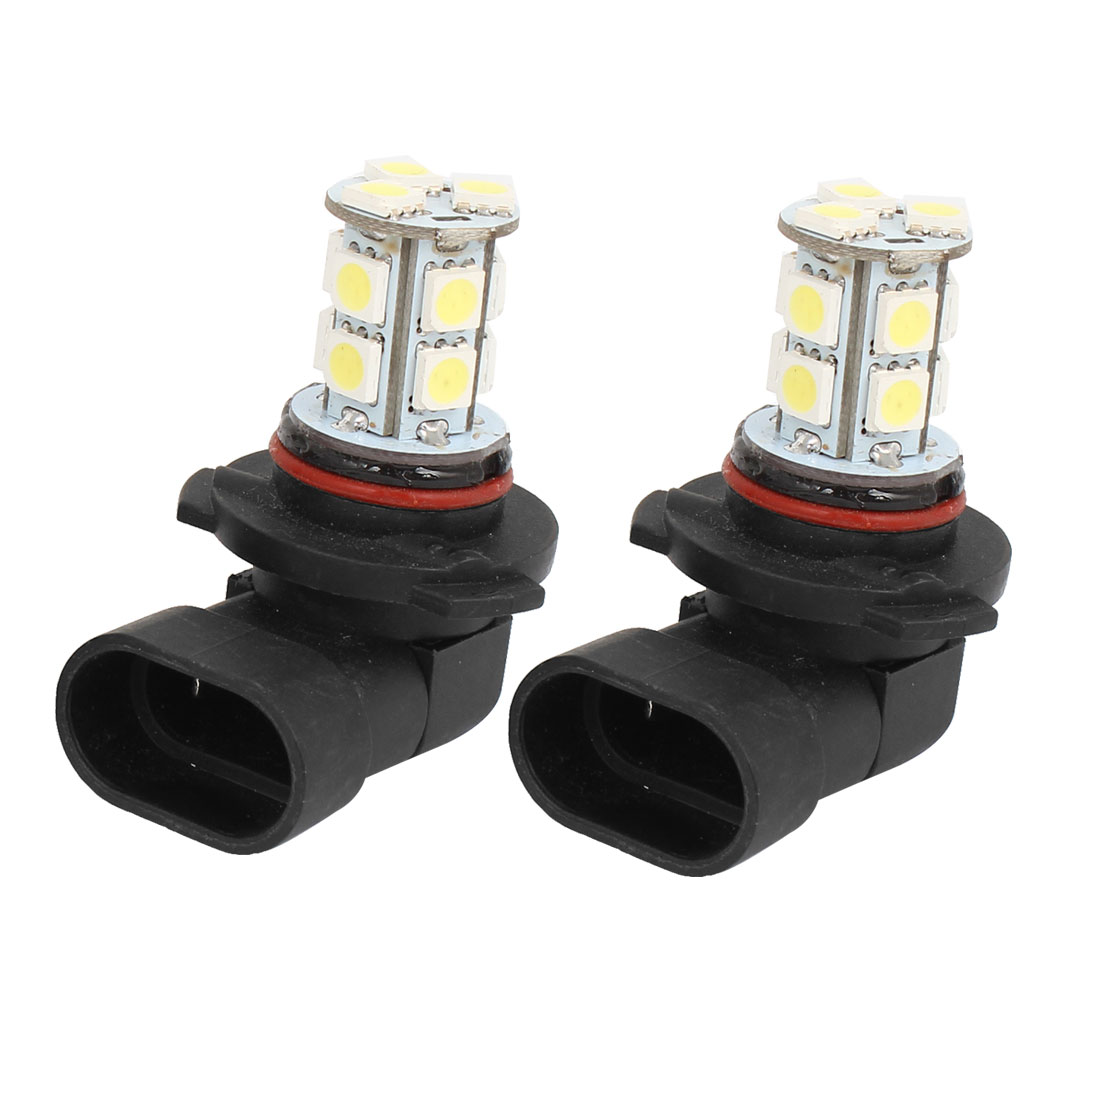 Car 13 LED 5050 SMD HB3 9005 HID White Fog Day DRL Light Lamp Bulb DC 12V 2 Pcs